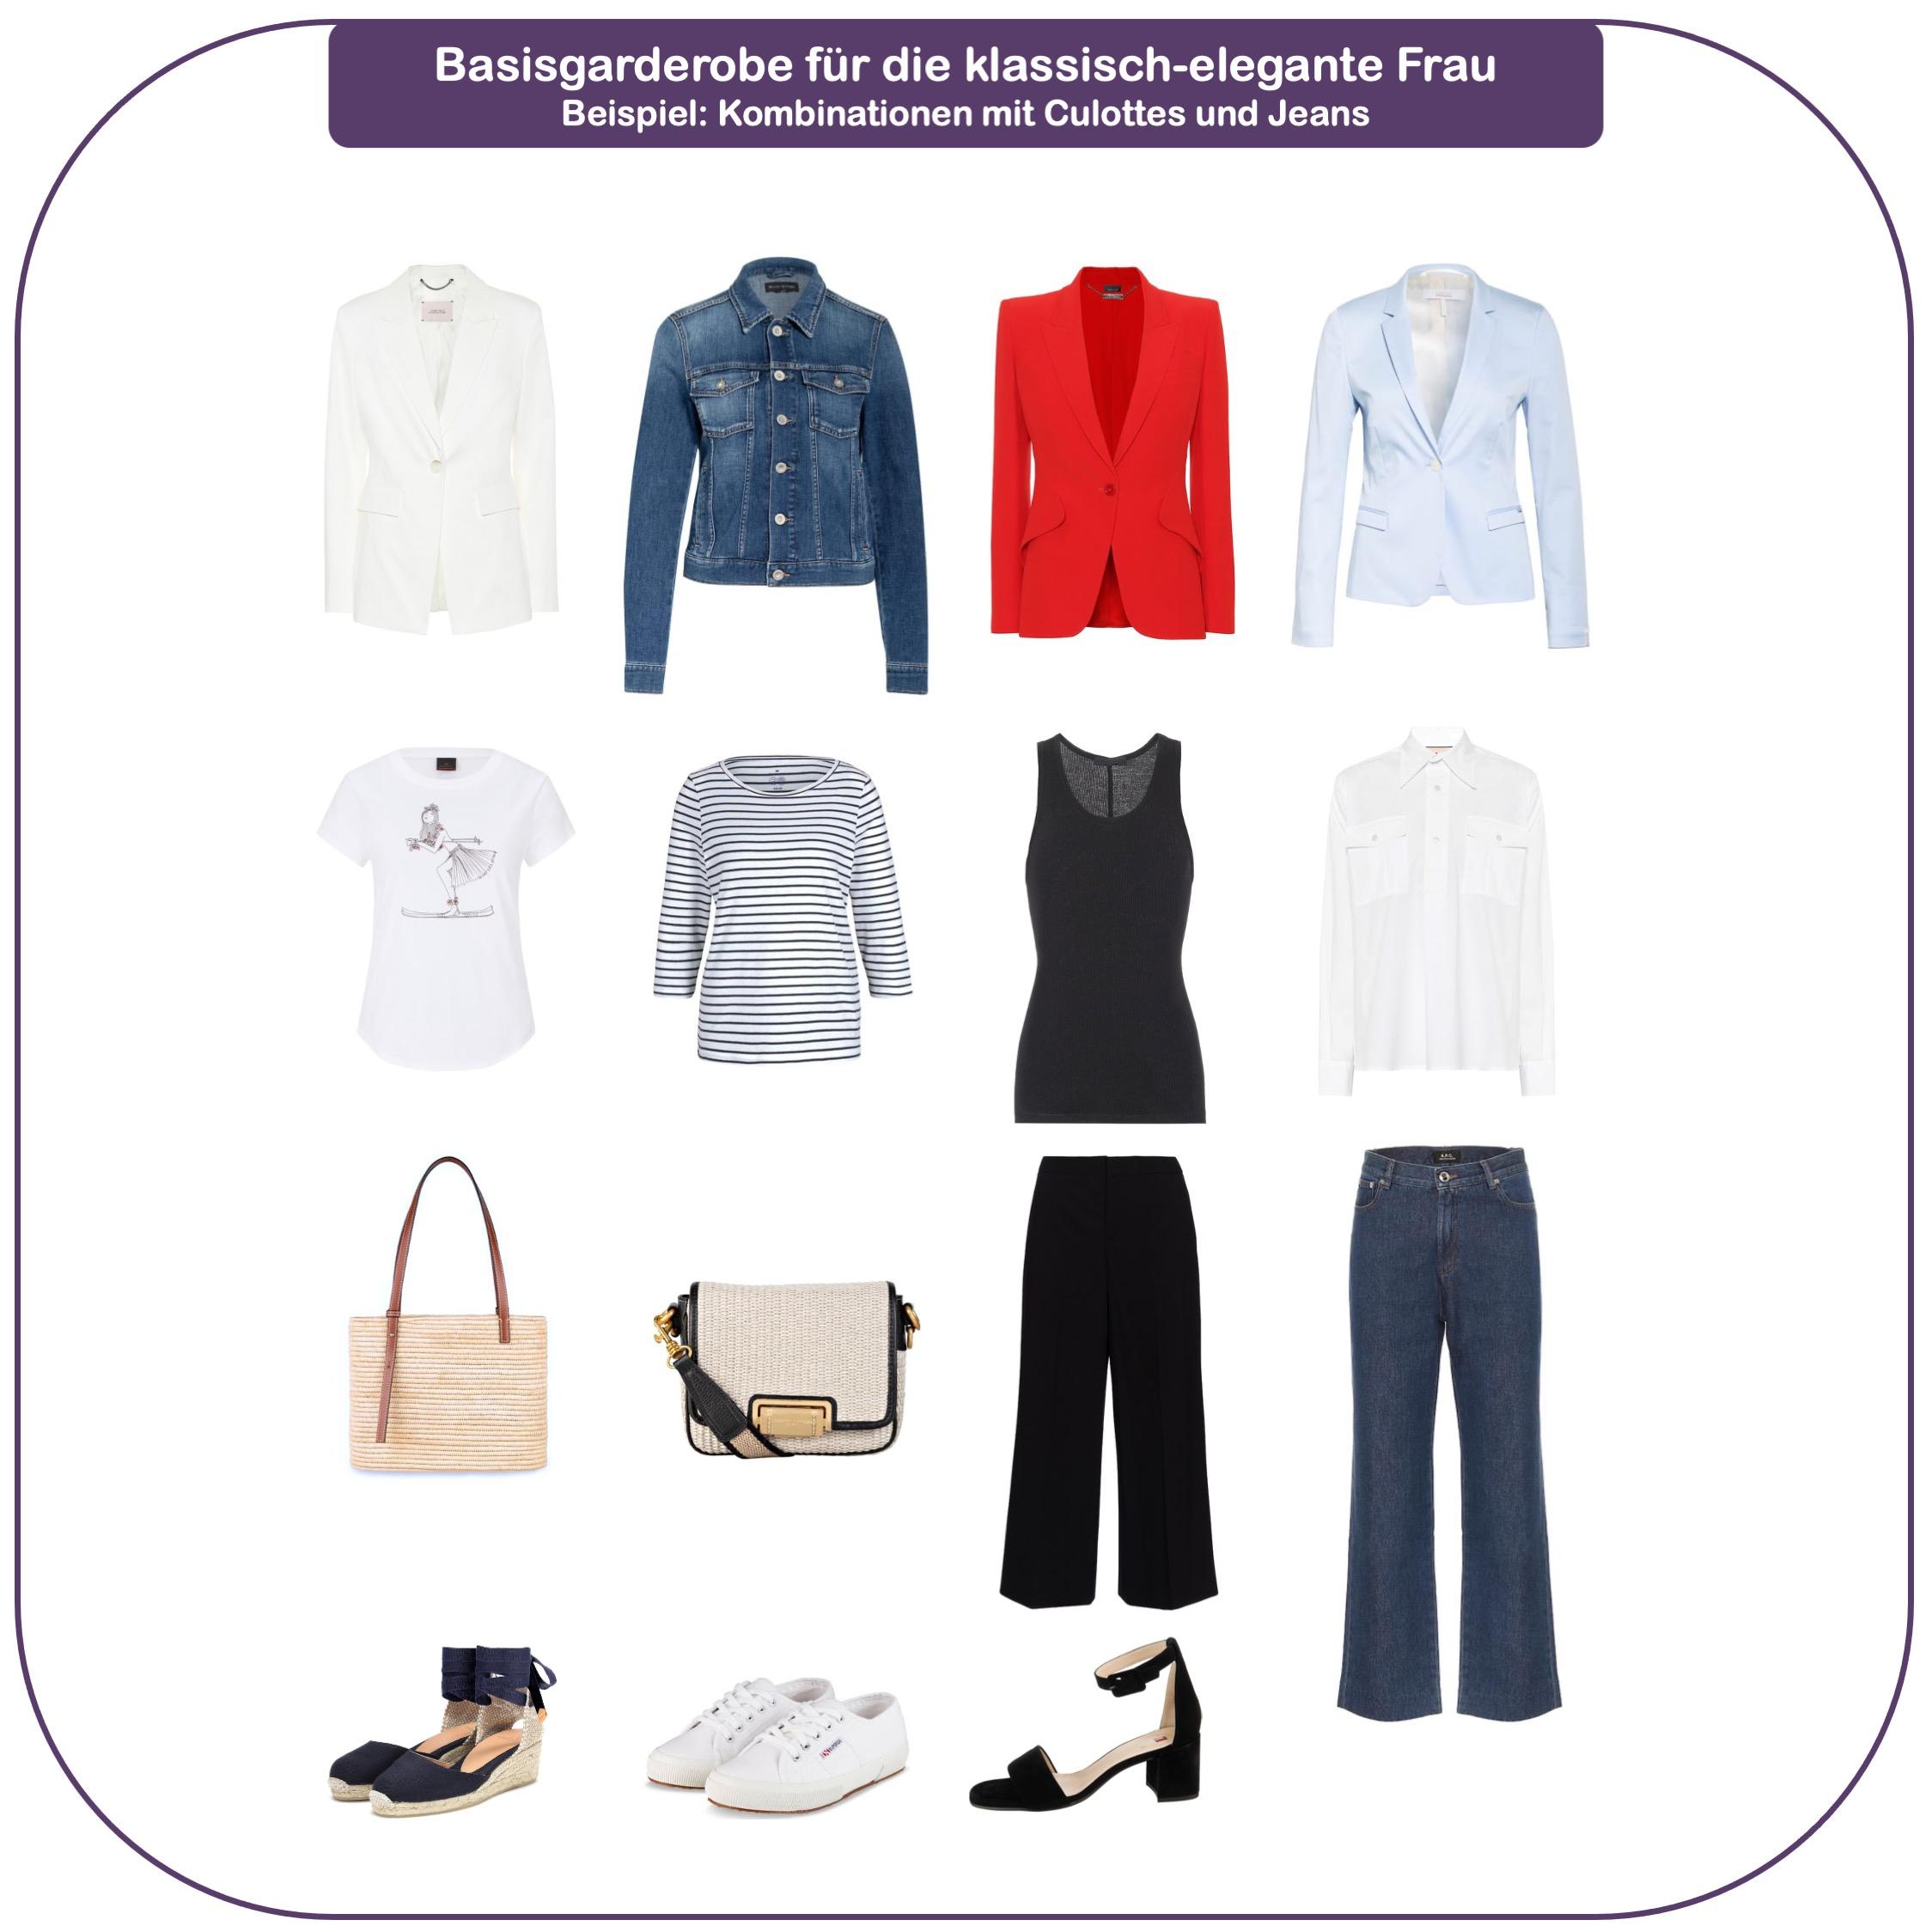 Basigarderobe für die klassisch-elegante Frau ab 40 - Basics Culottes und dunkelblaue Jeans